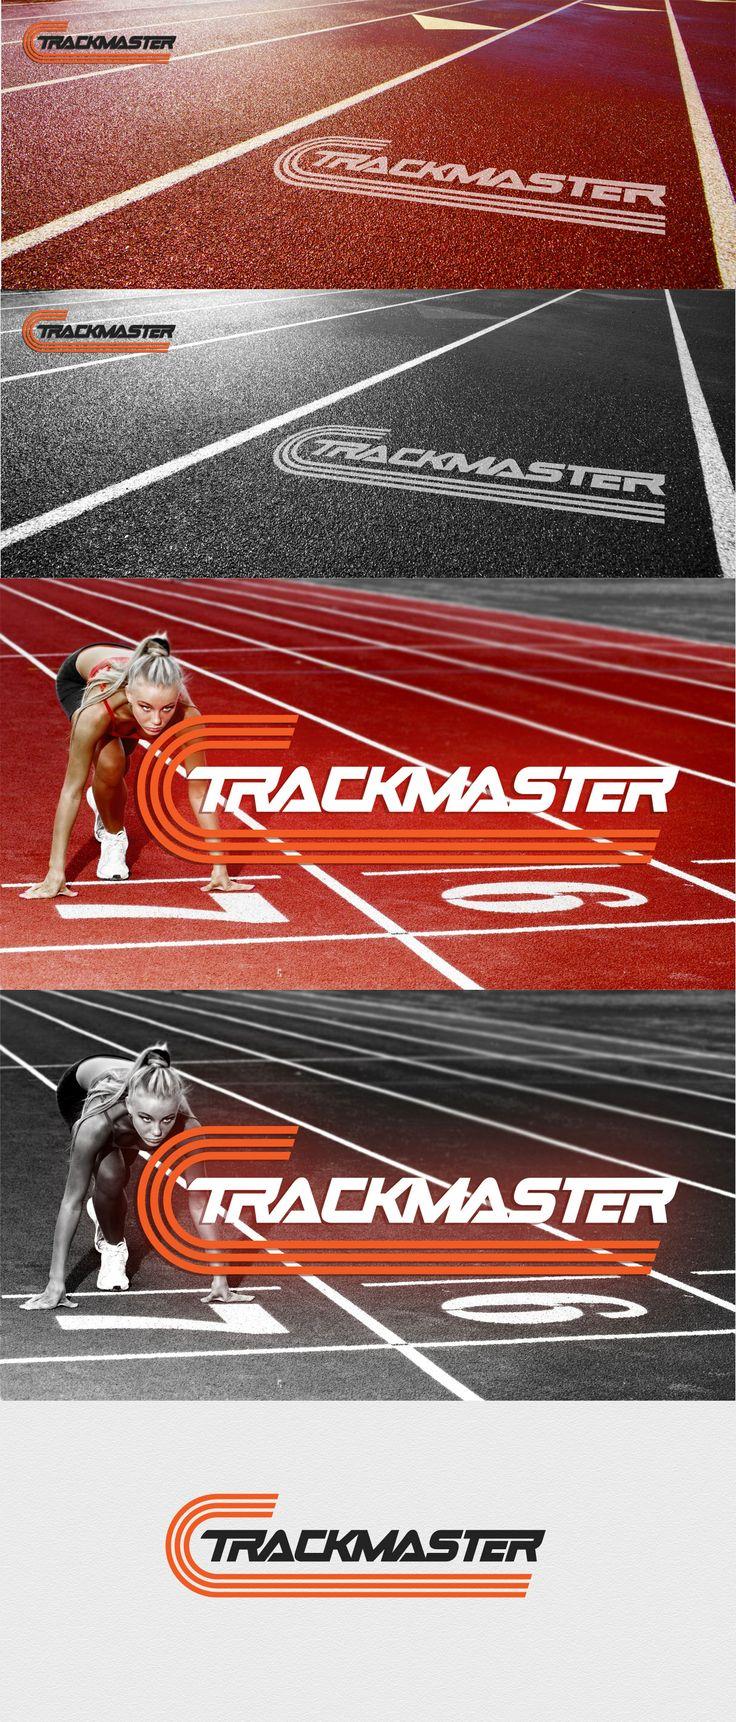 Running track installers